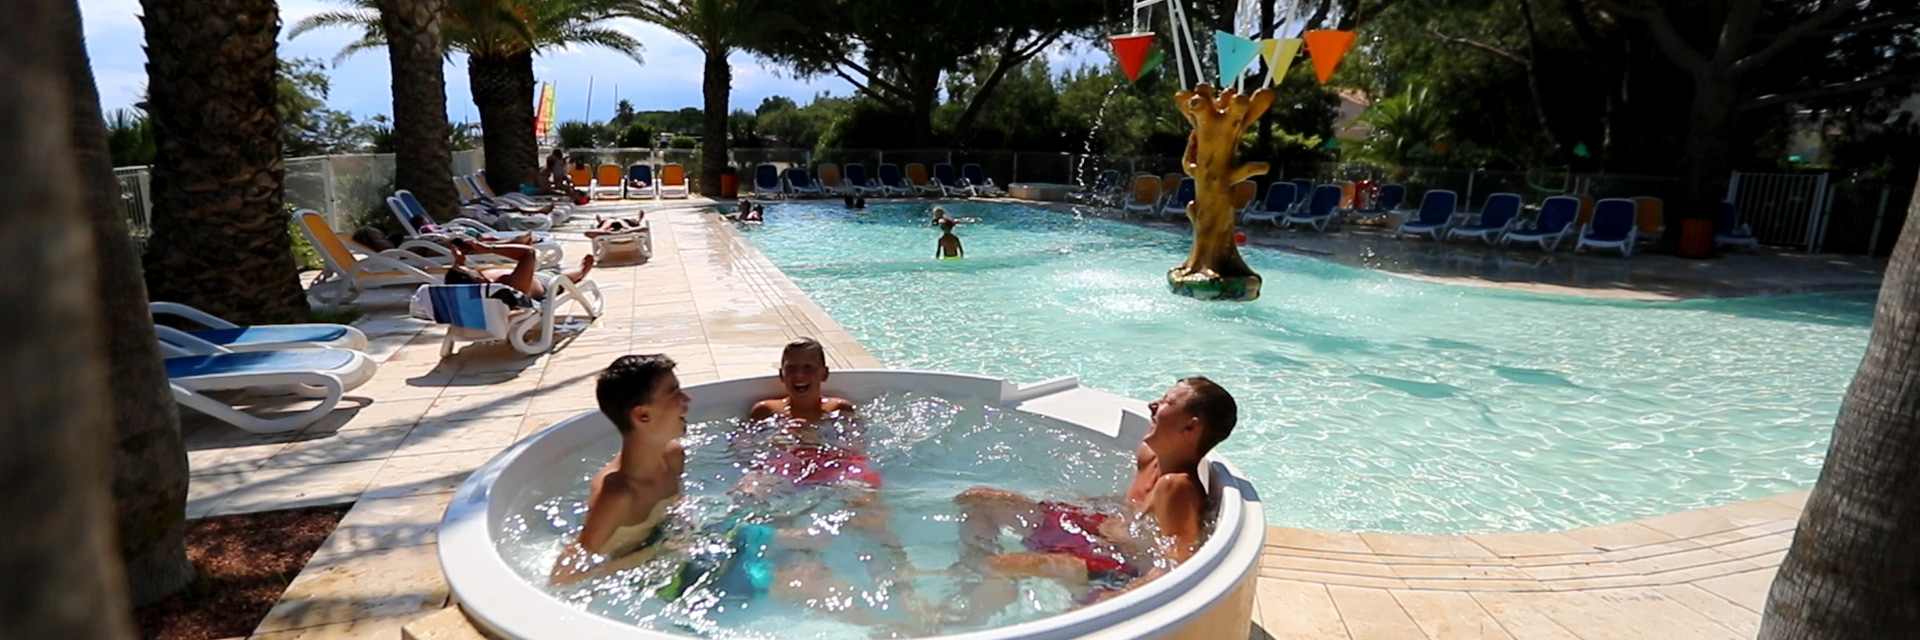 Marina d'Oru Corsica Resort - Village Vacances Cap France